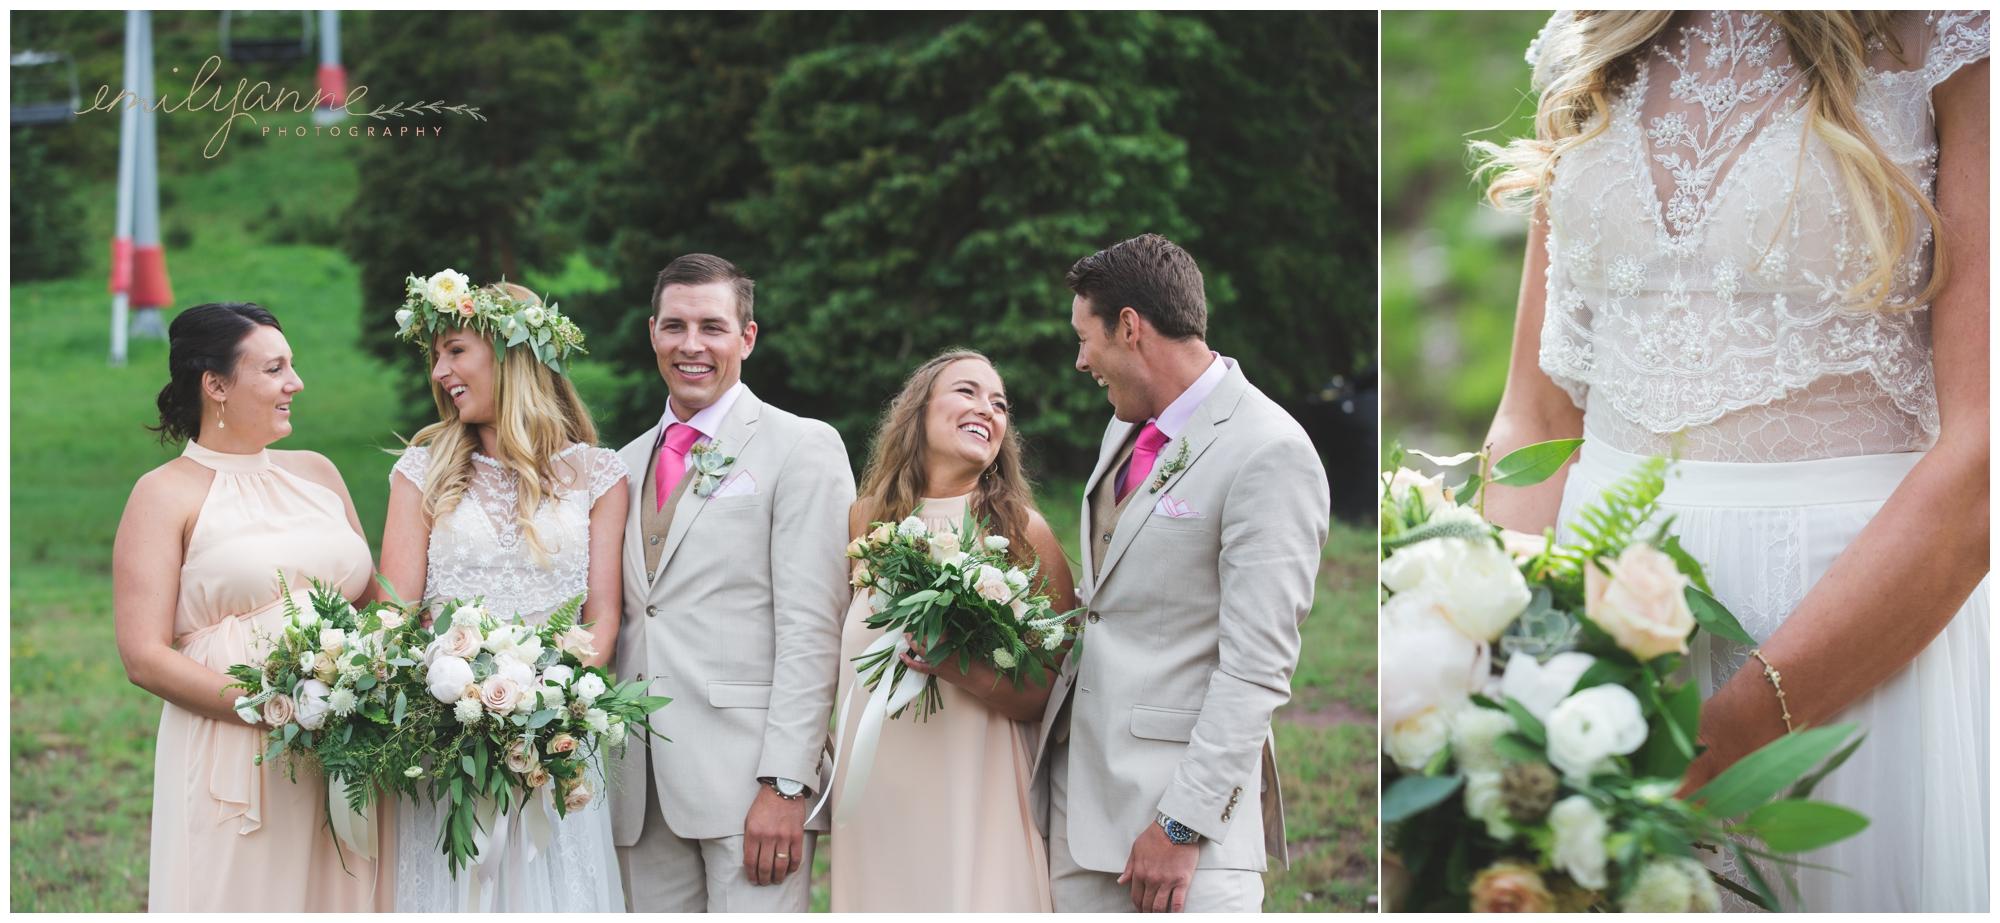 Testwuide Wedding-17.jpg